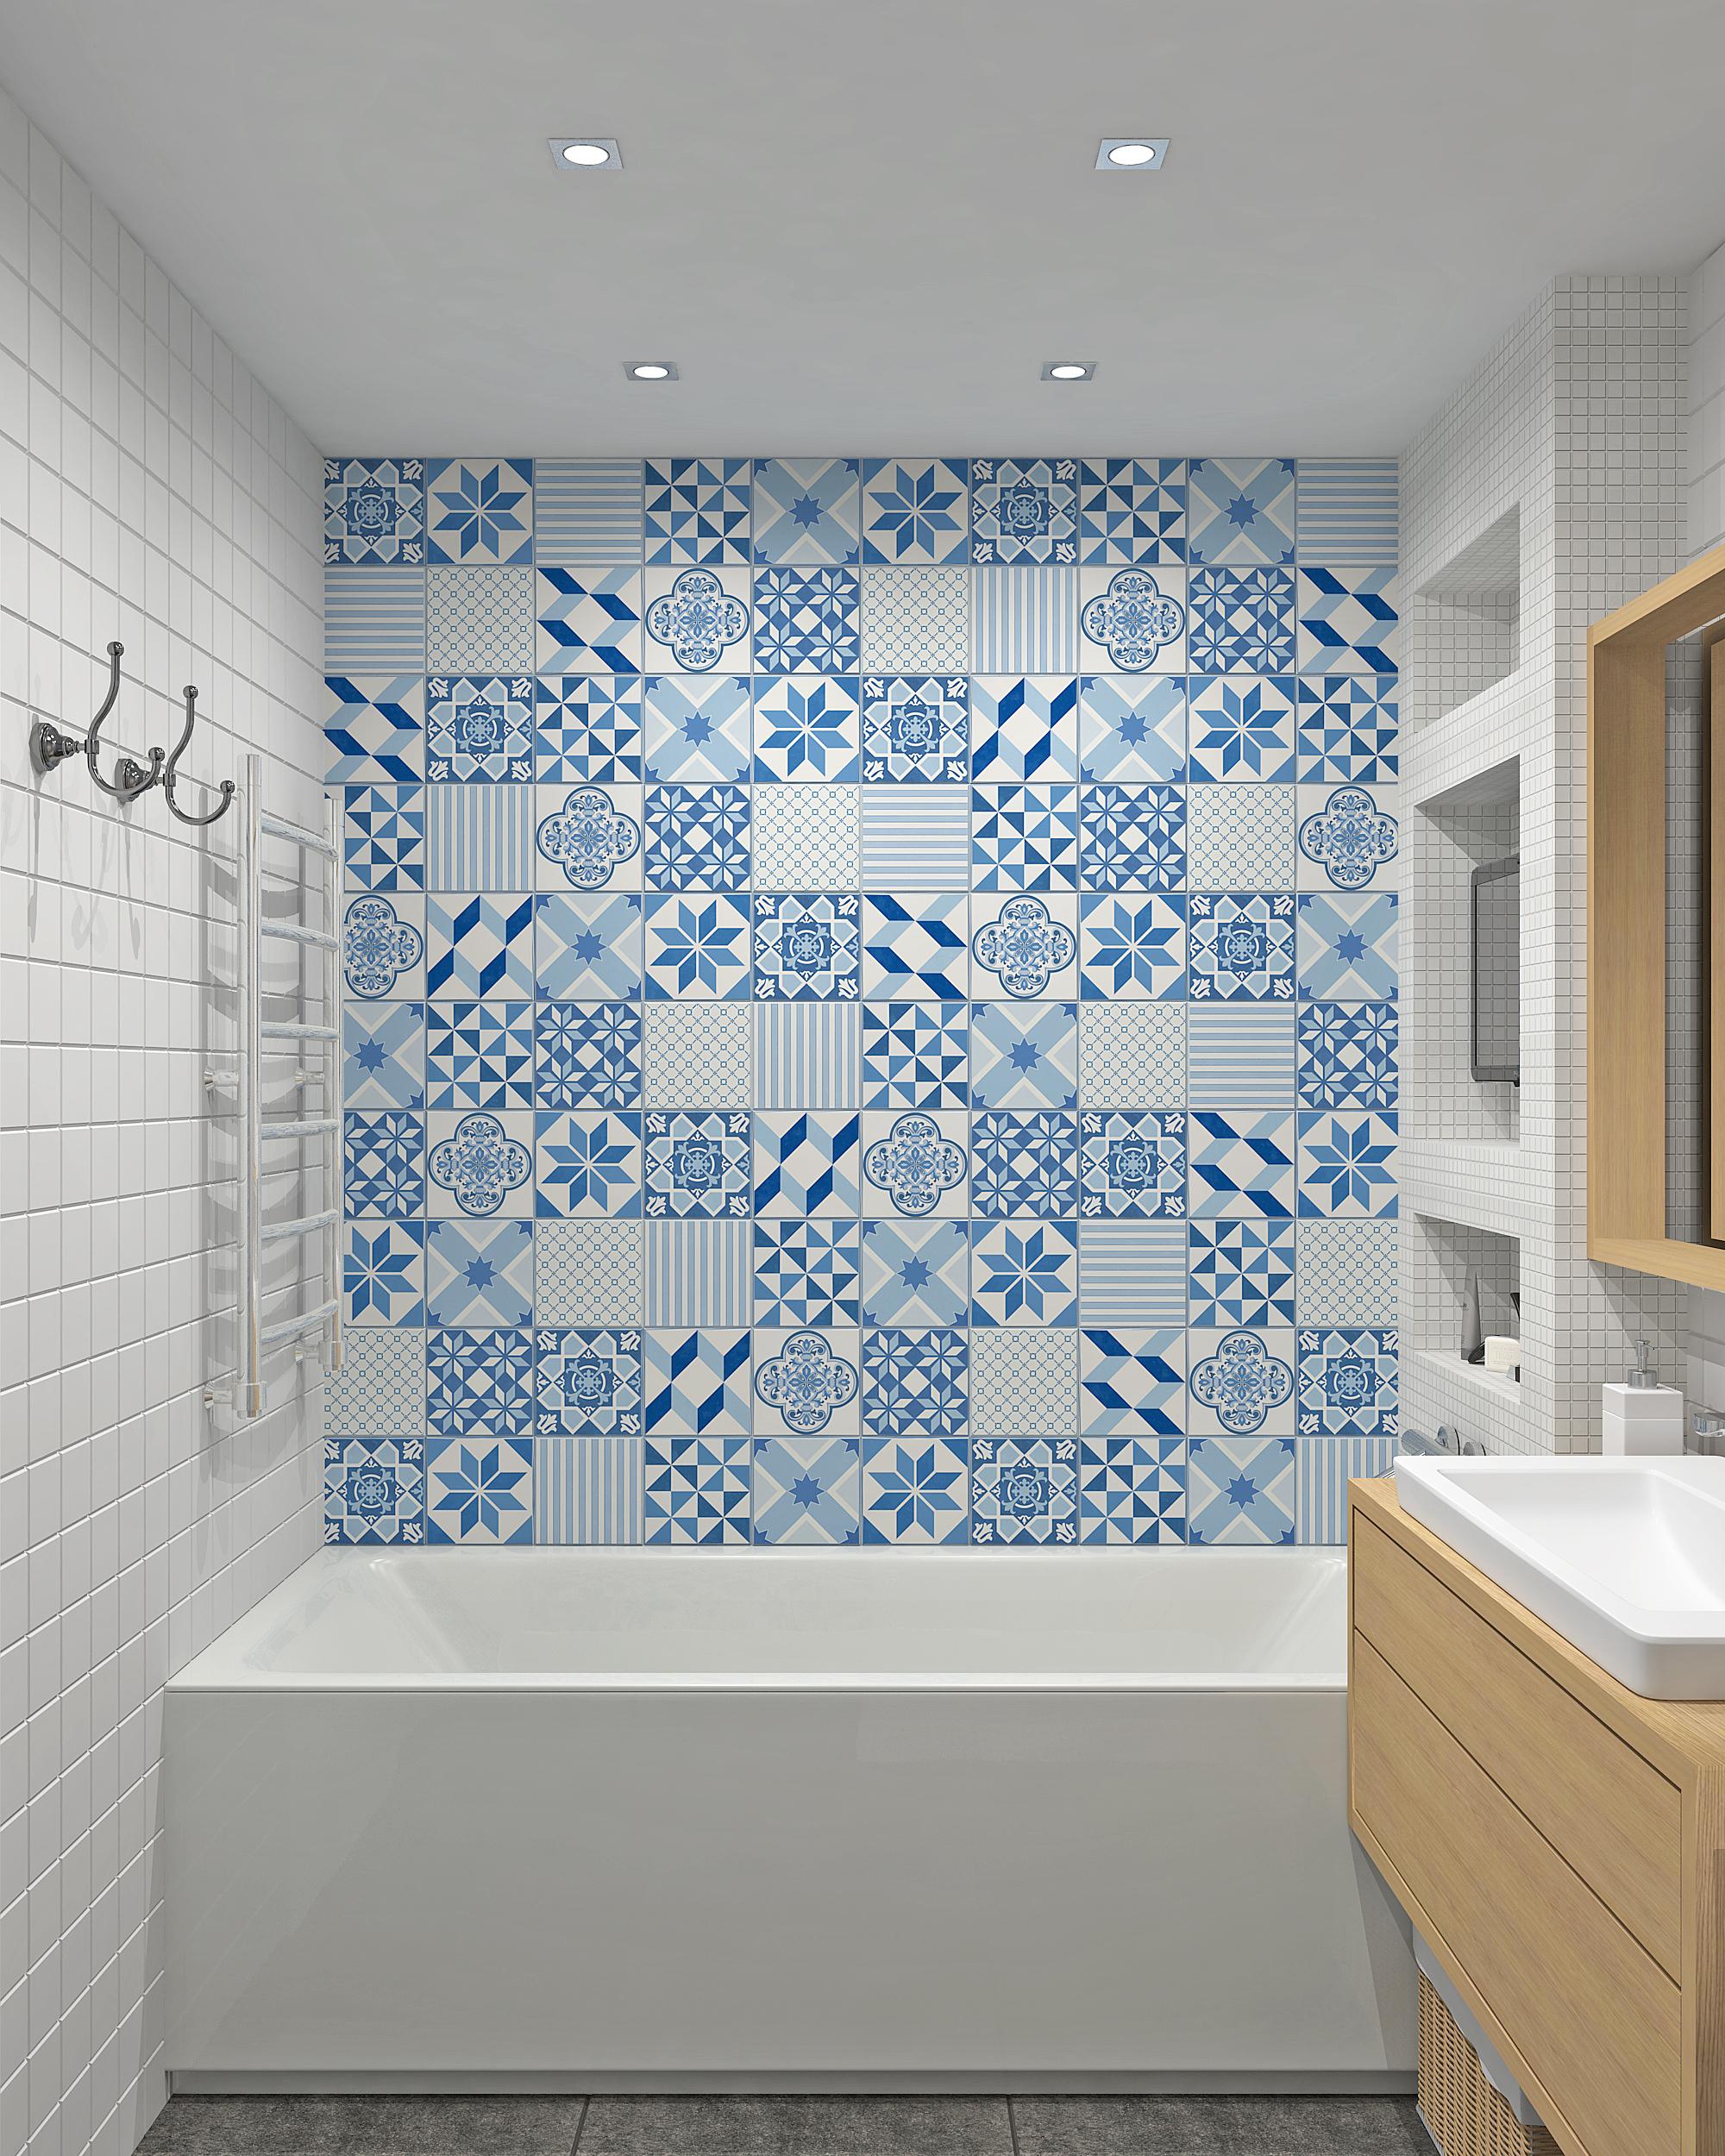 Раскладка бело-синей плитки в ванной в технике пэчворк